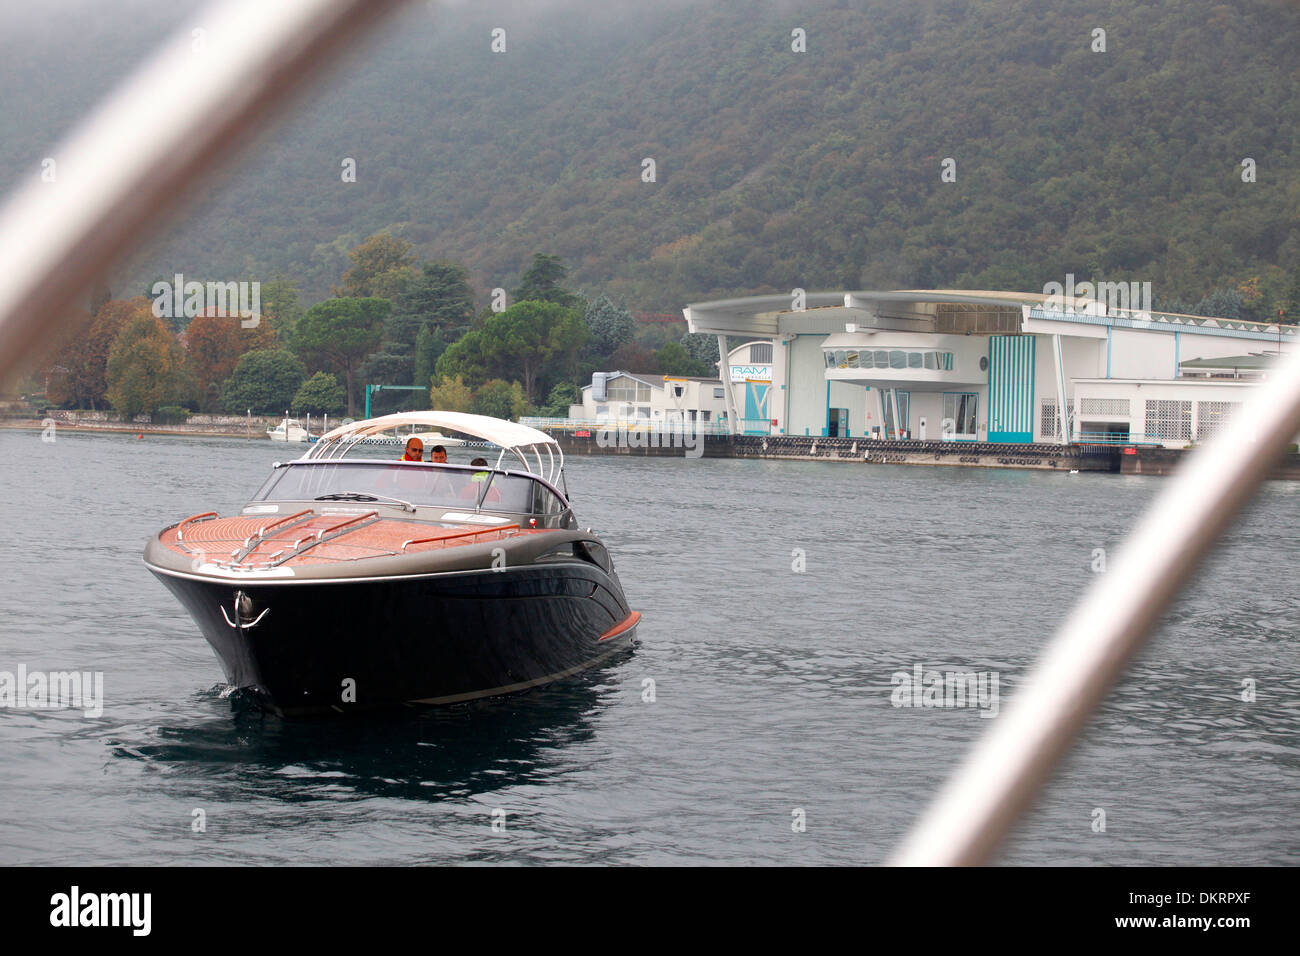 A Rivarama super yacht near the Riva factory on a misty Lake Iseo in Sarnico, Italy. - Stock Image